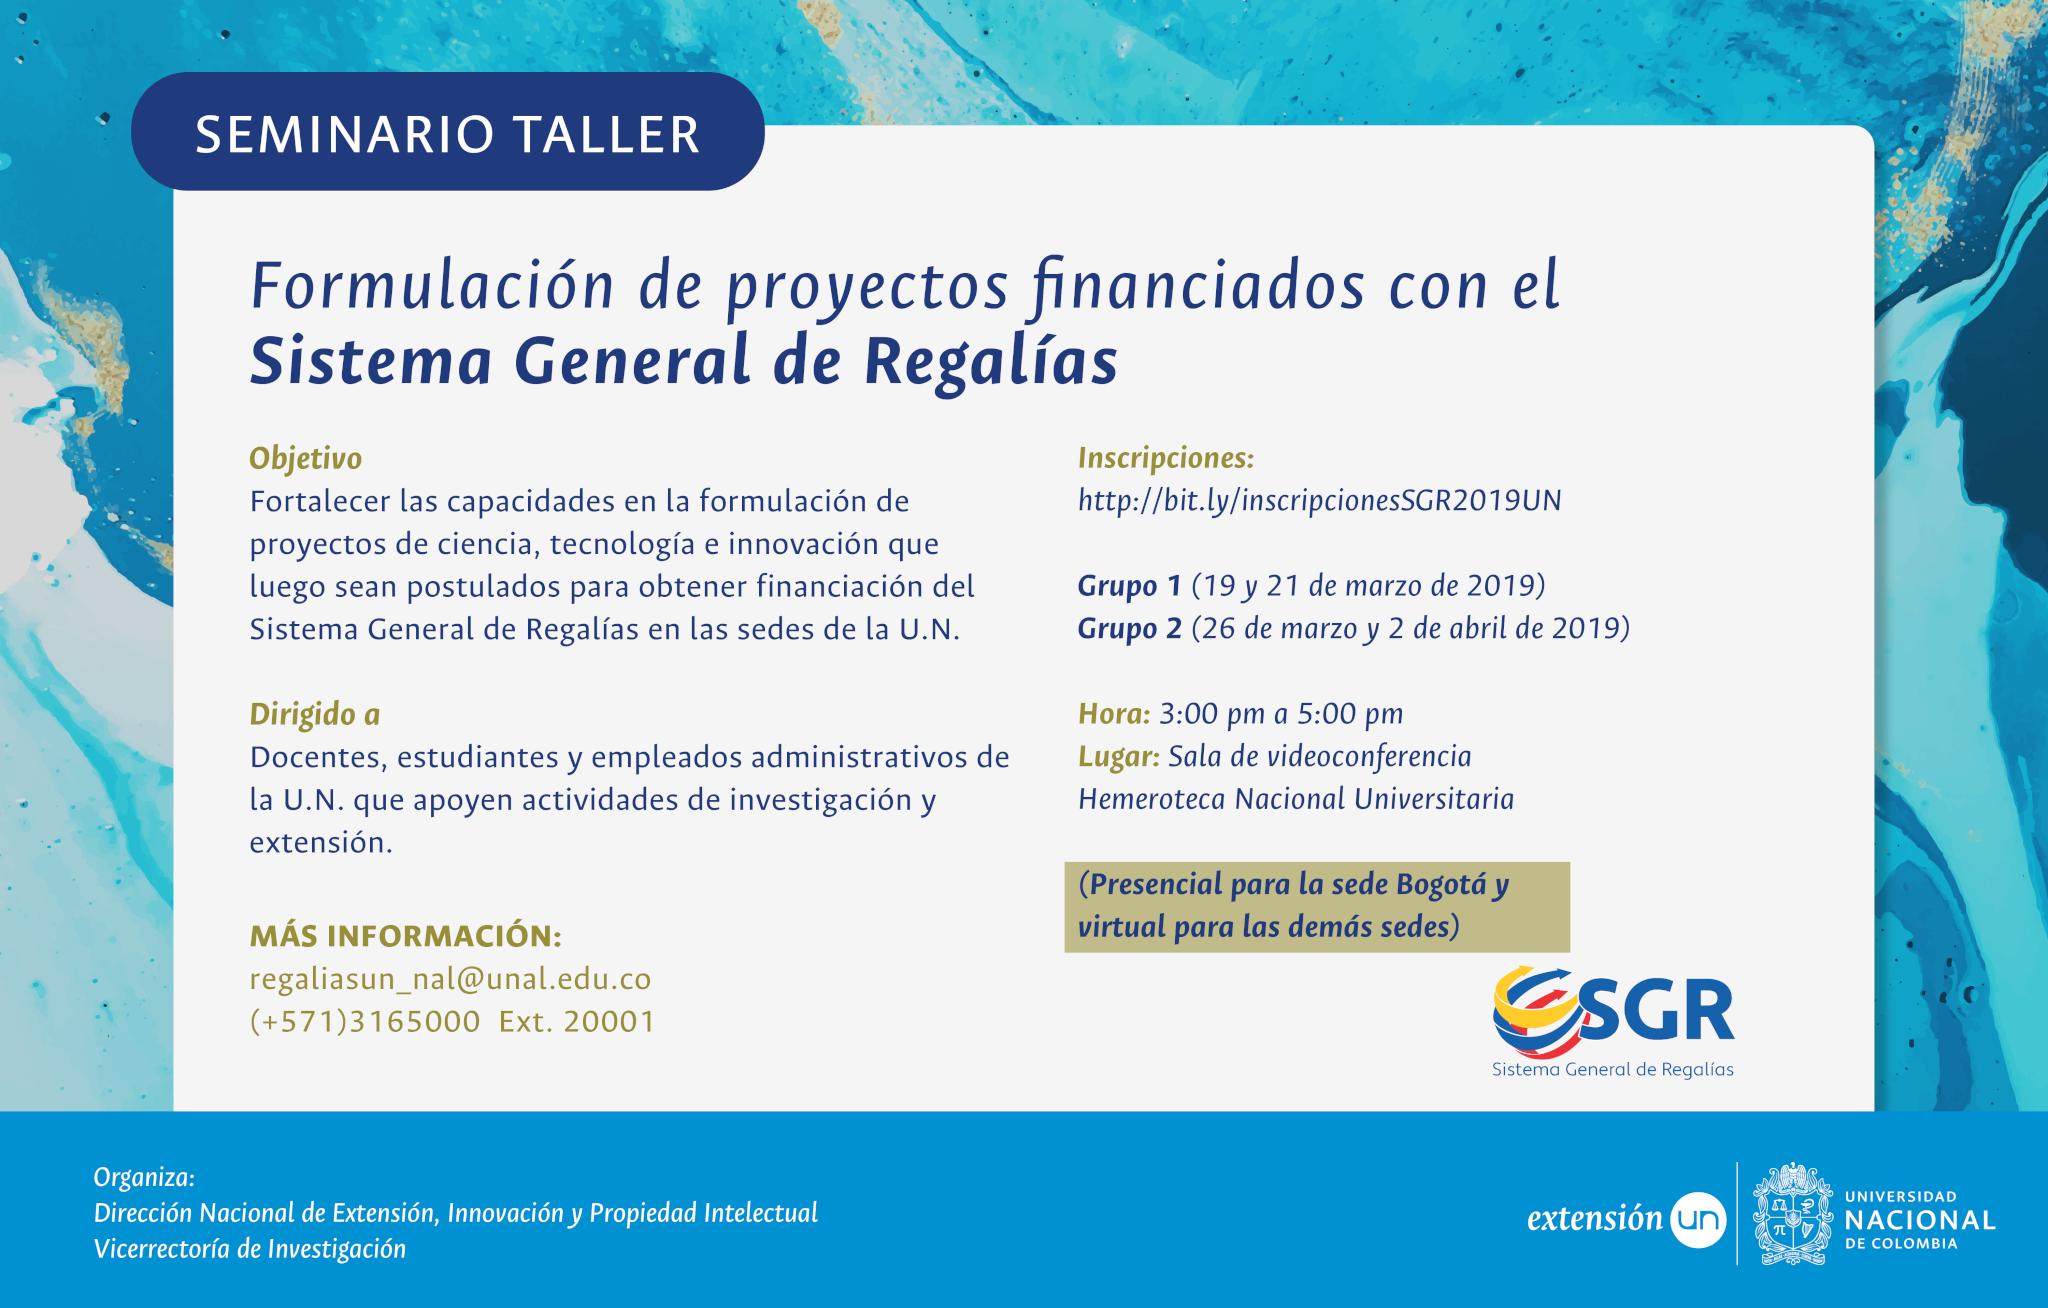 Seminario-taller para la formulación de proyectos financiados con el Sistema General de Regalías